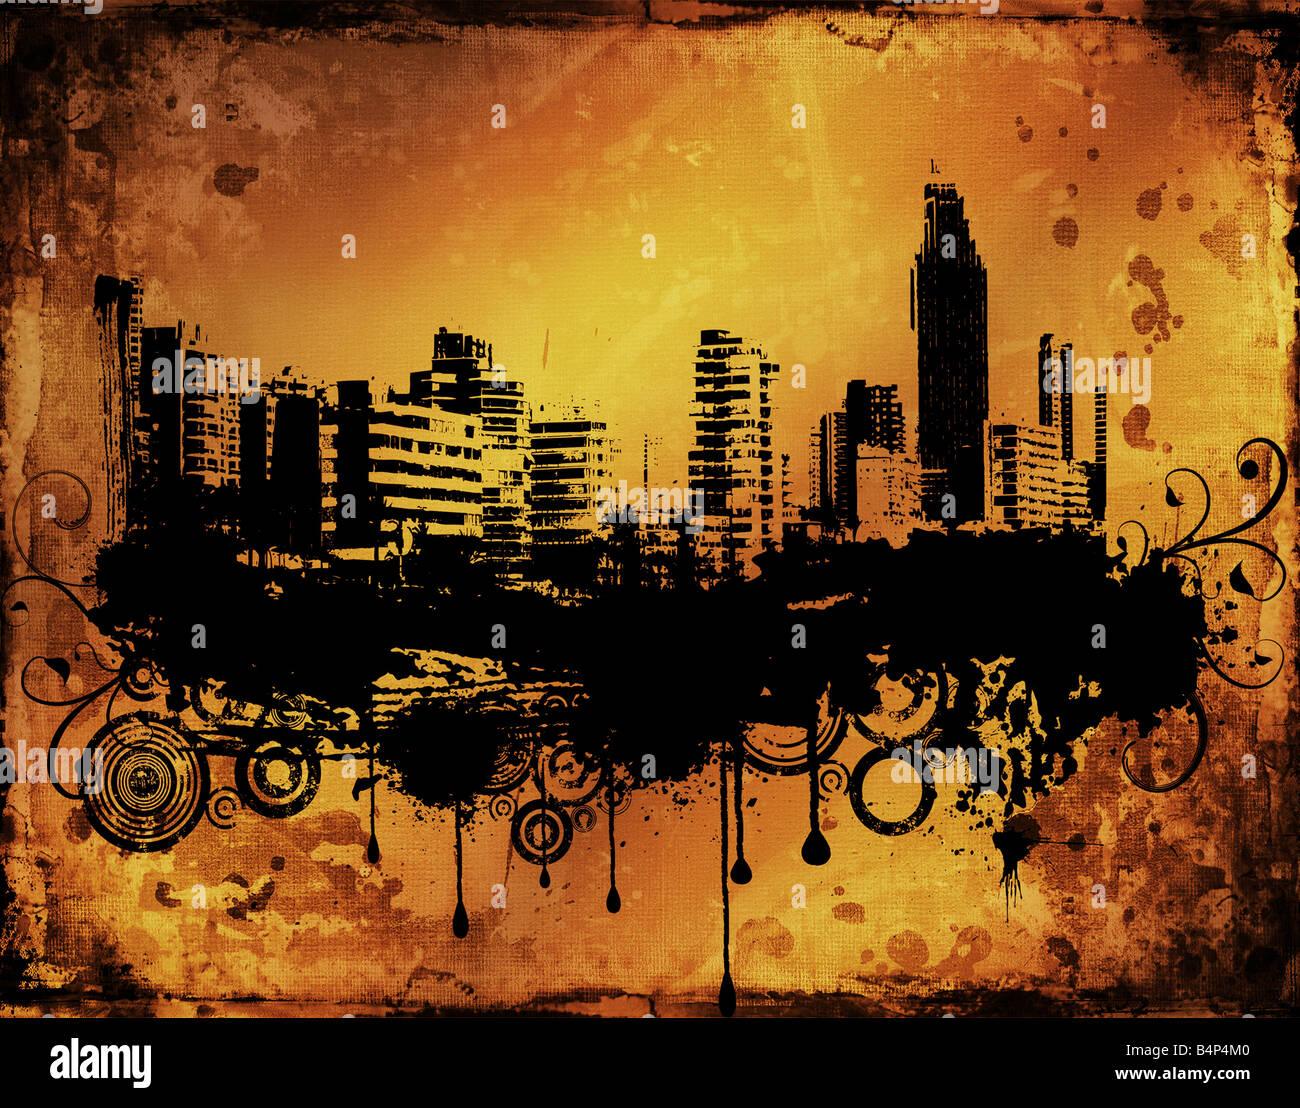 Città urbana scena sullo sfondo grunge Immagini Stock